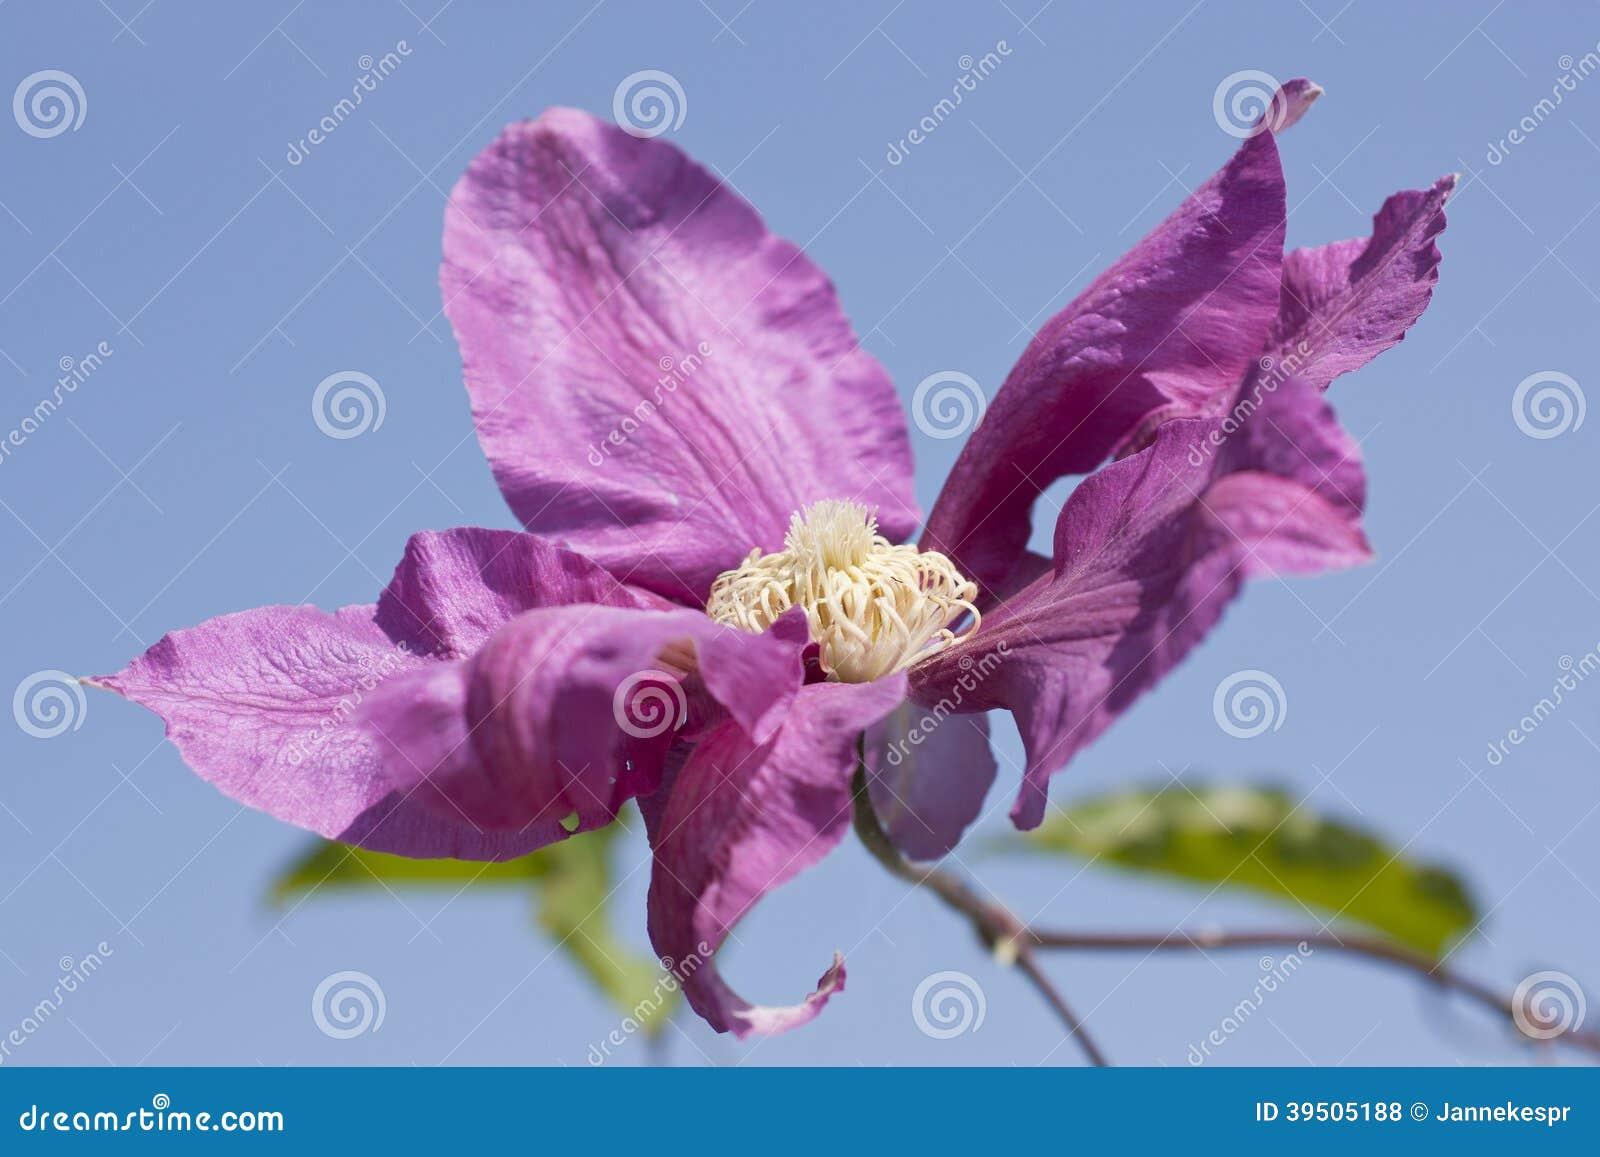 Close up of a Clematis Pillu flower